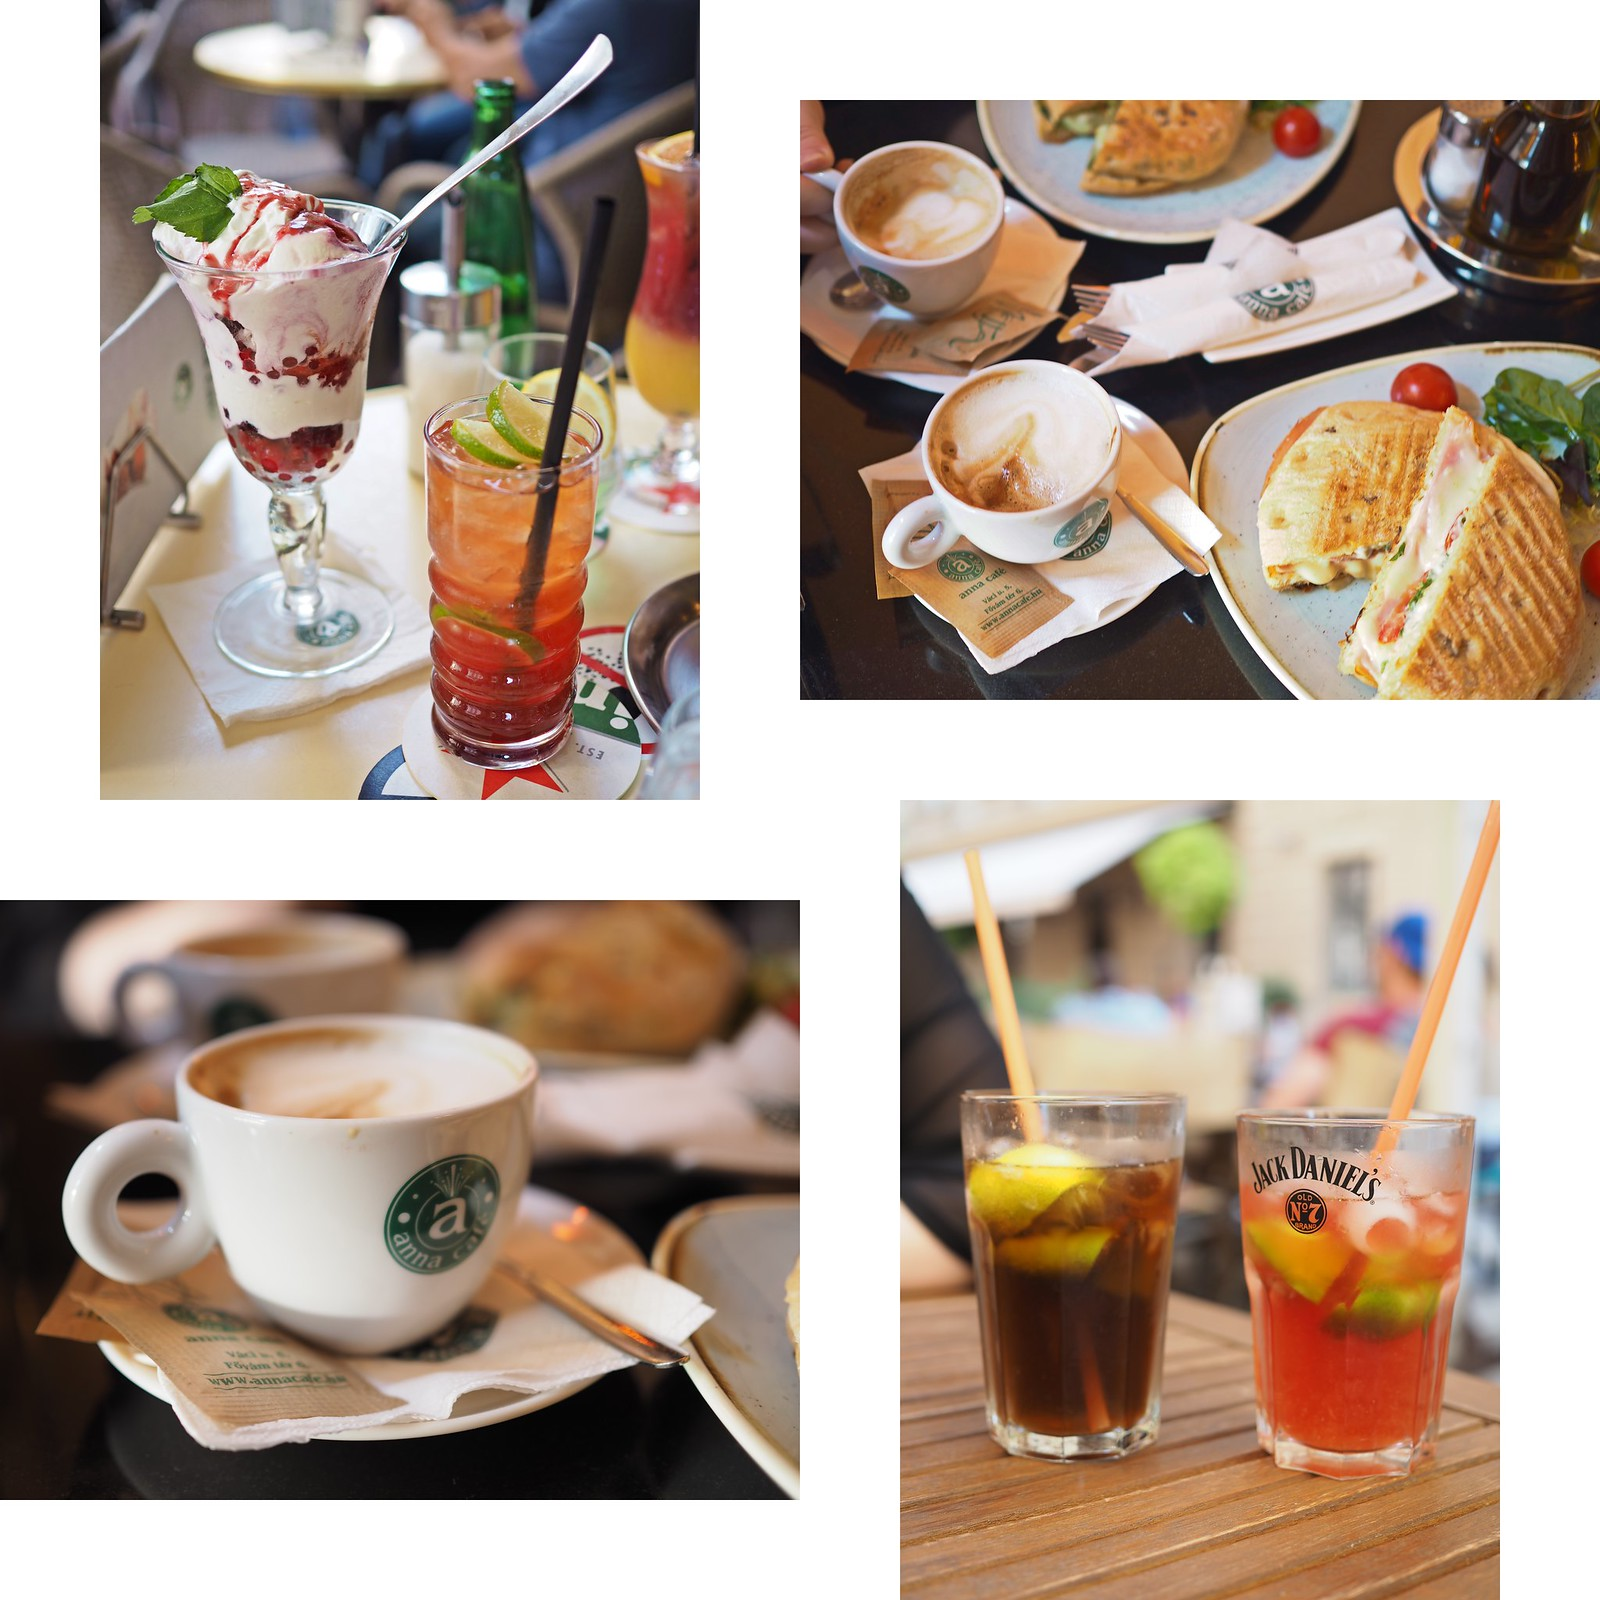 food-drinks-coffee-budapest